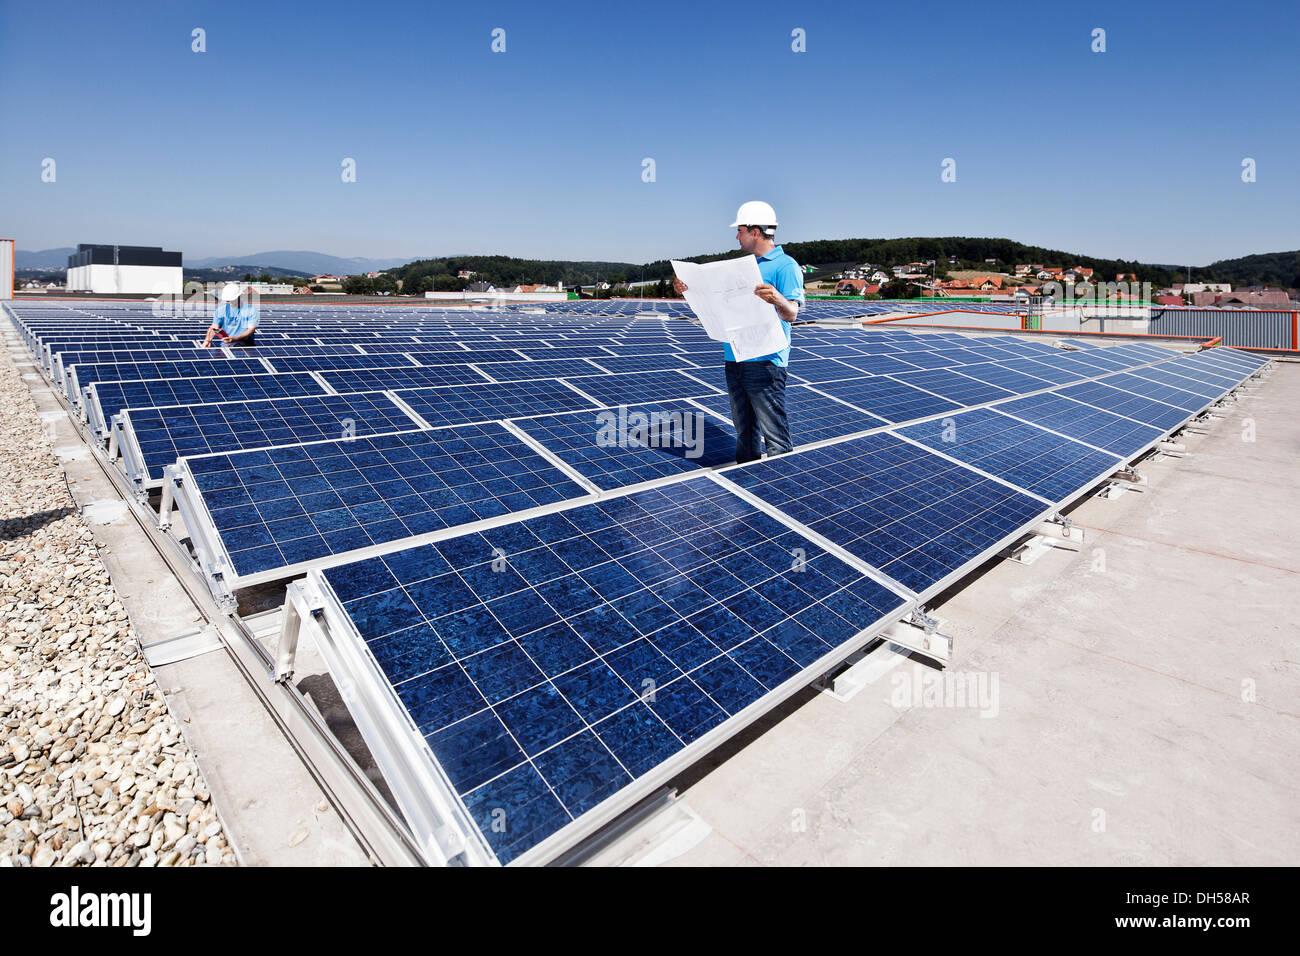 Dos técnicos inspeccionar una planta de energía solar, Wollsdorf, distrito de Weiz, Estiria, Austria Imagen De Stock